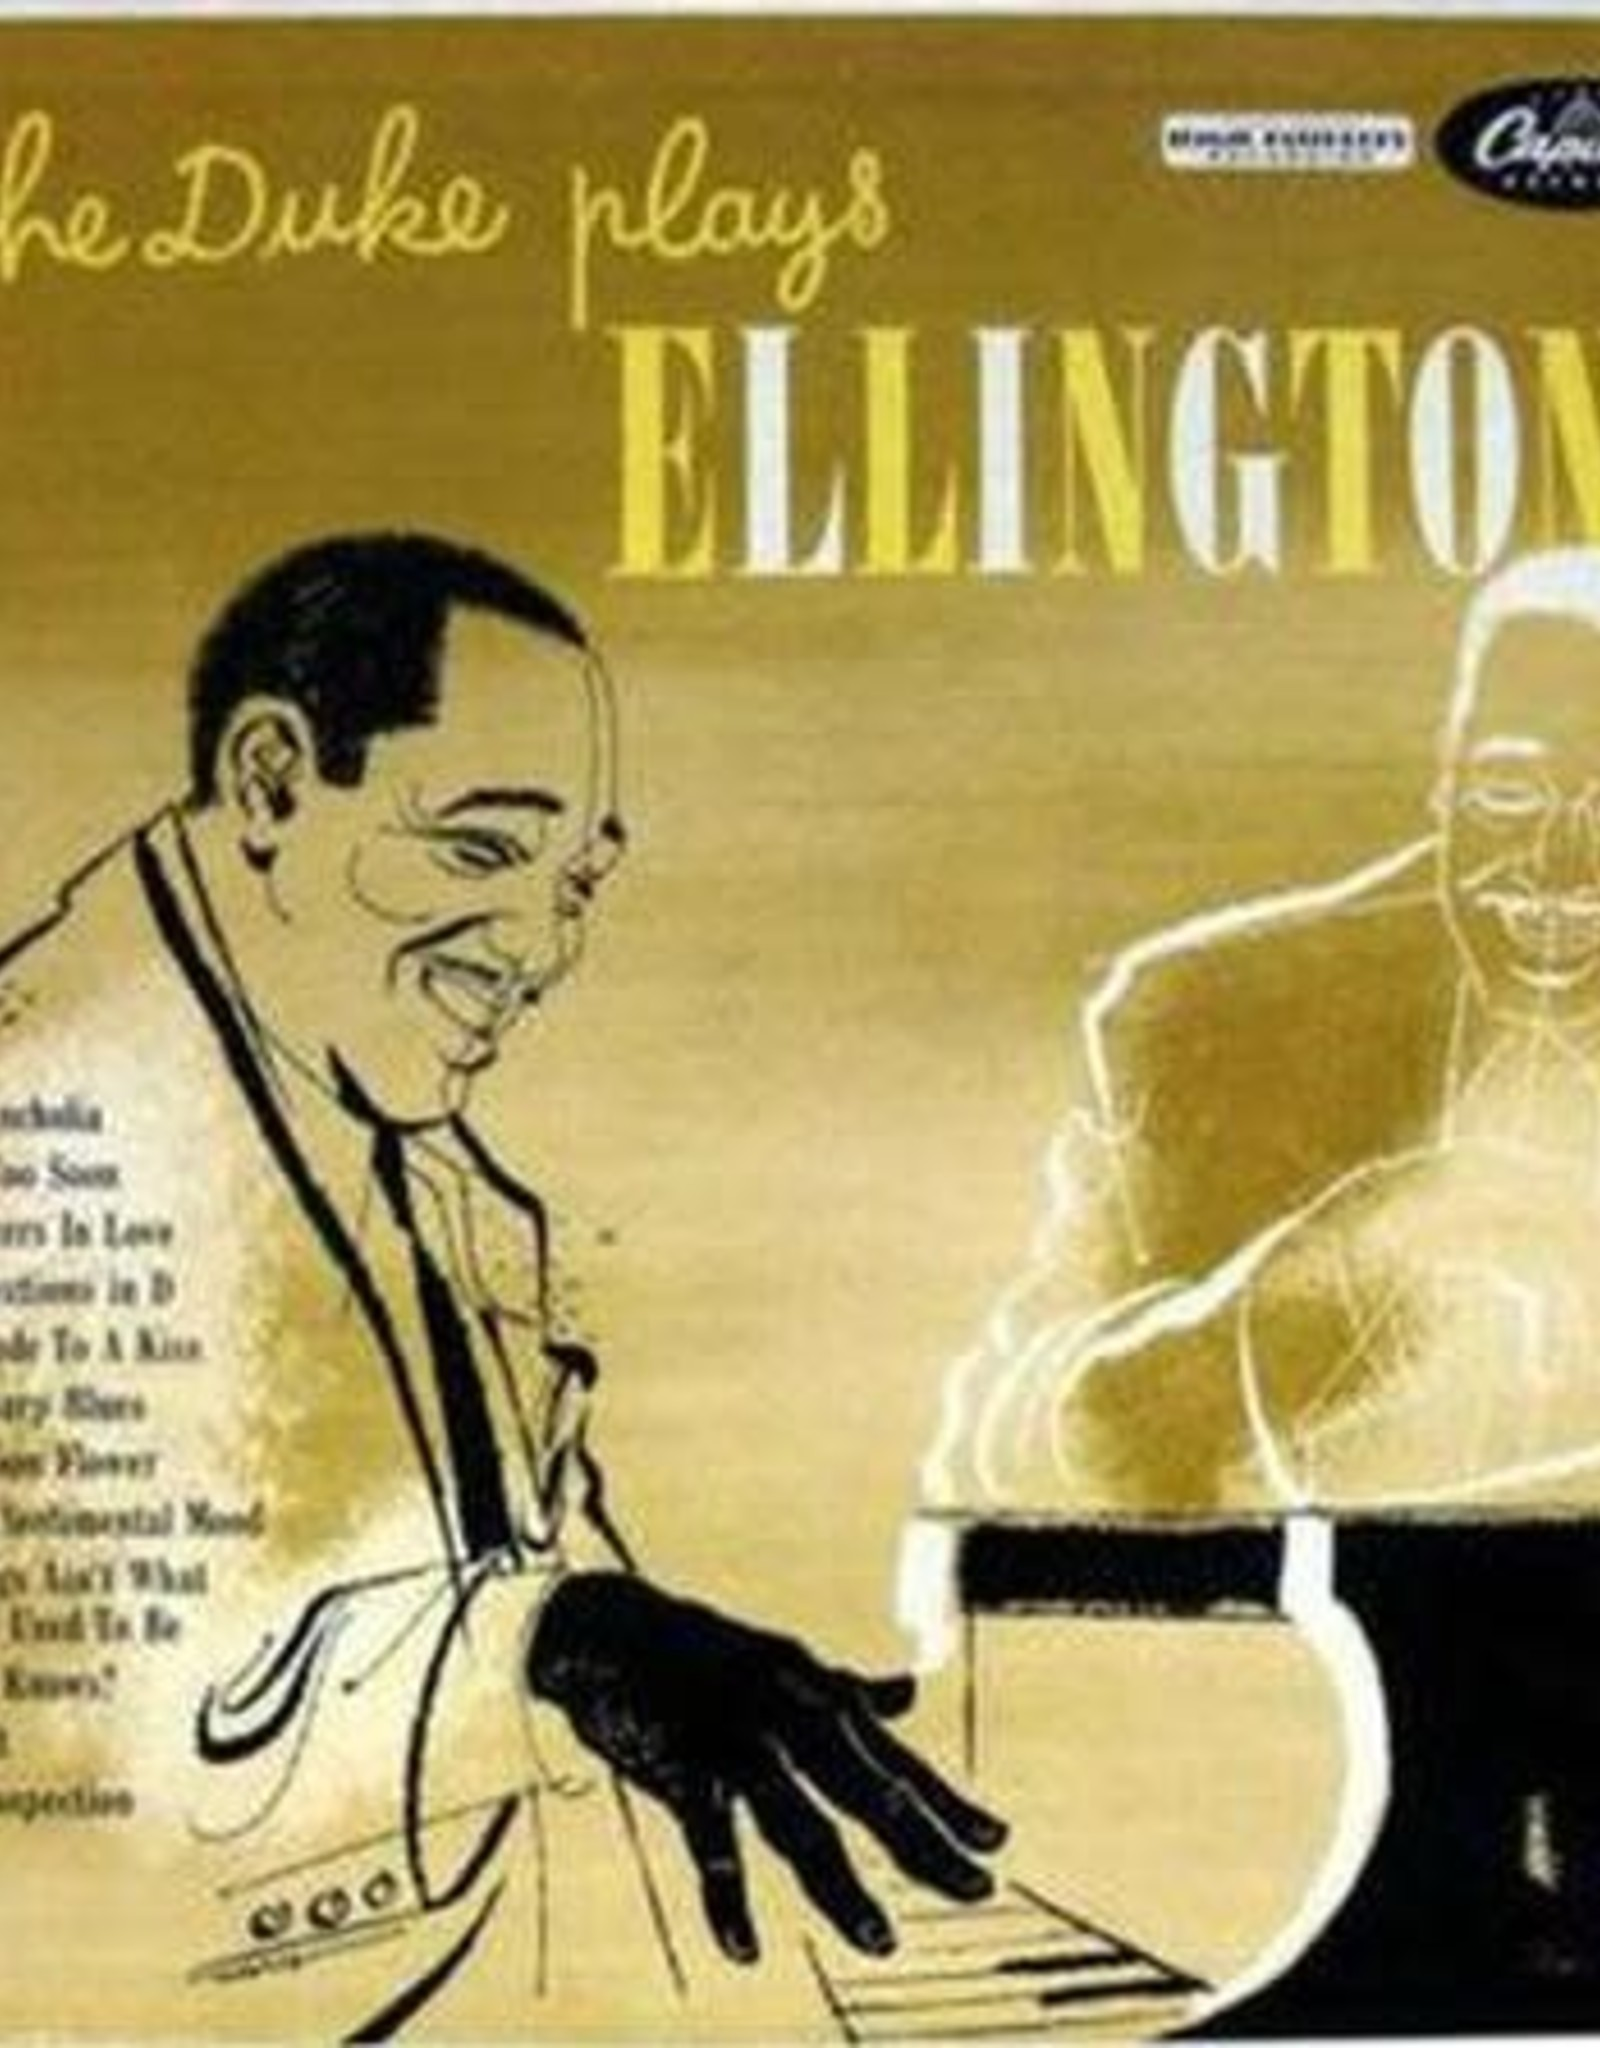 Duke Ellington -  The Duke Plays Ellington